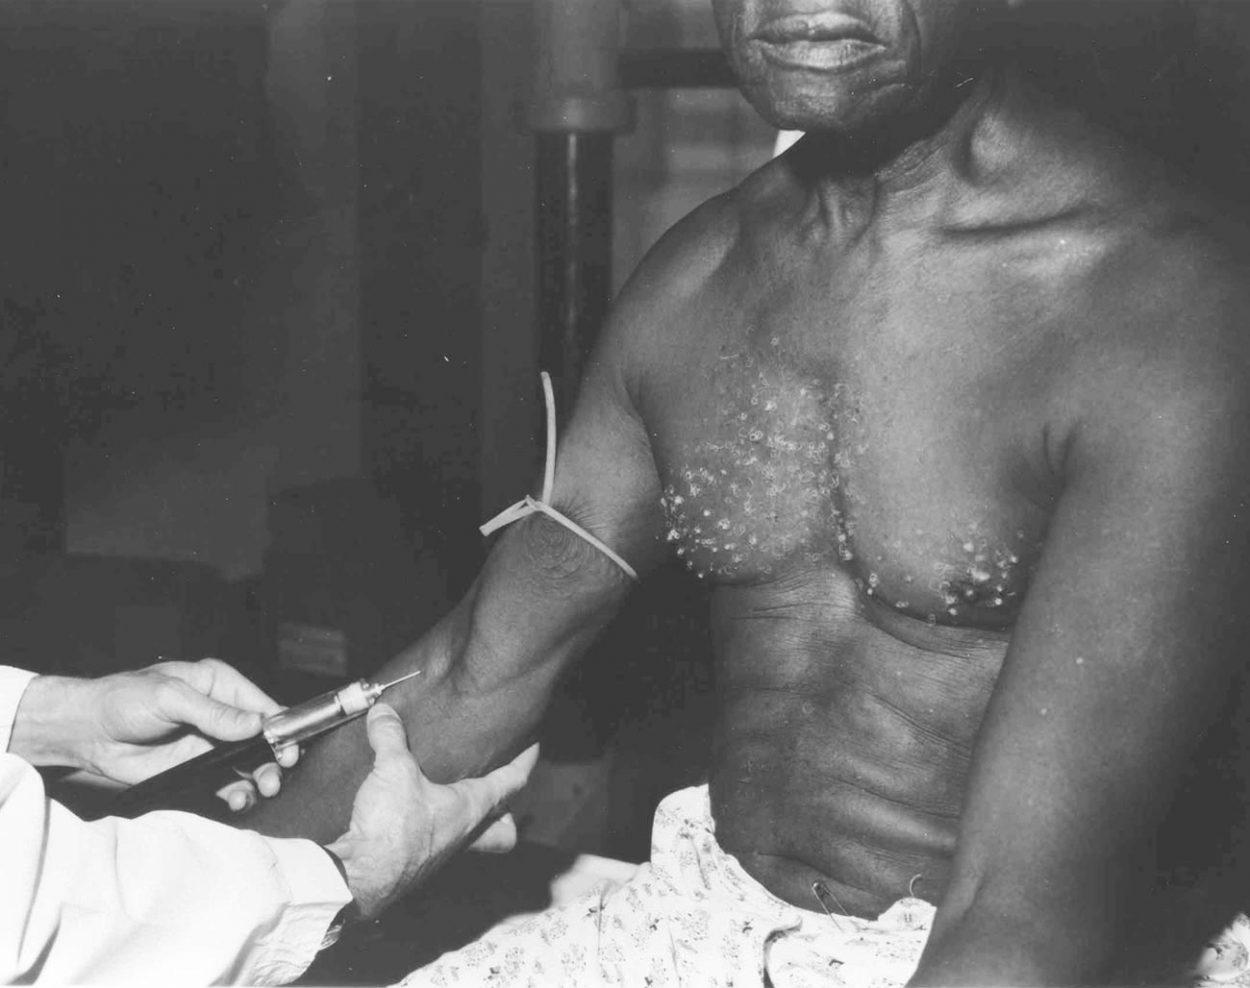 Эксперимент Таскиги - как американцы проводили опыты на чернокожих